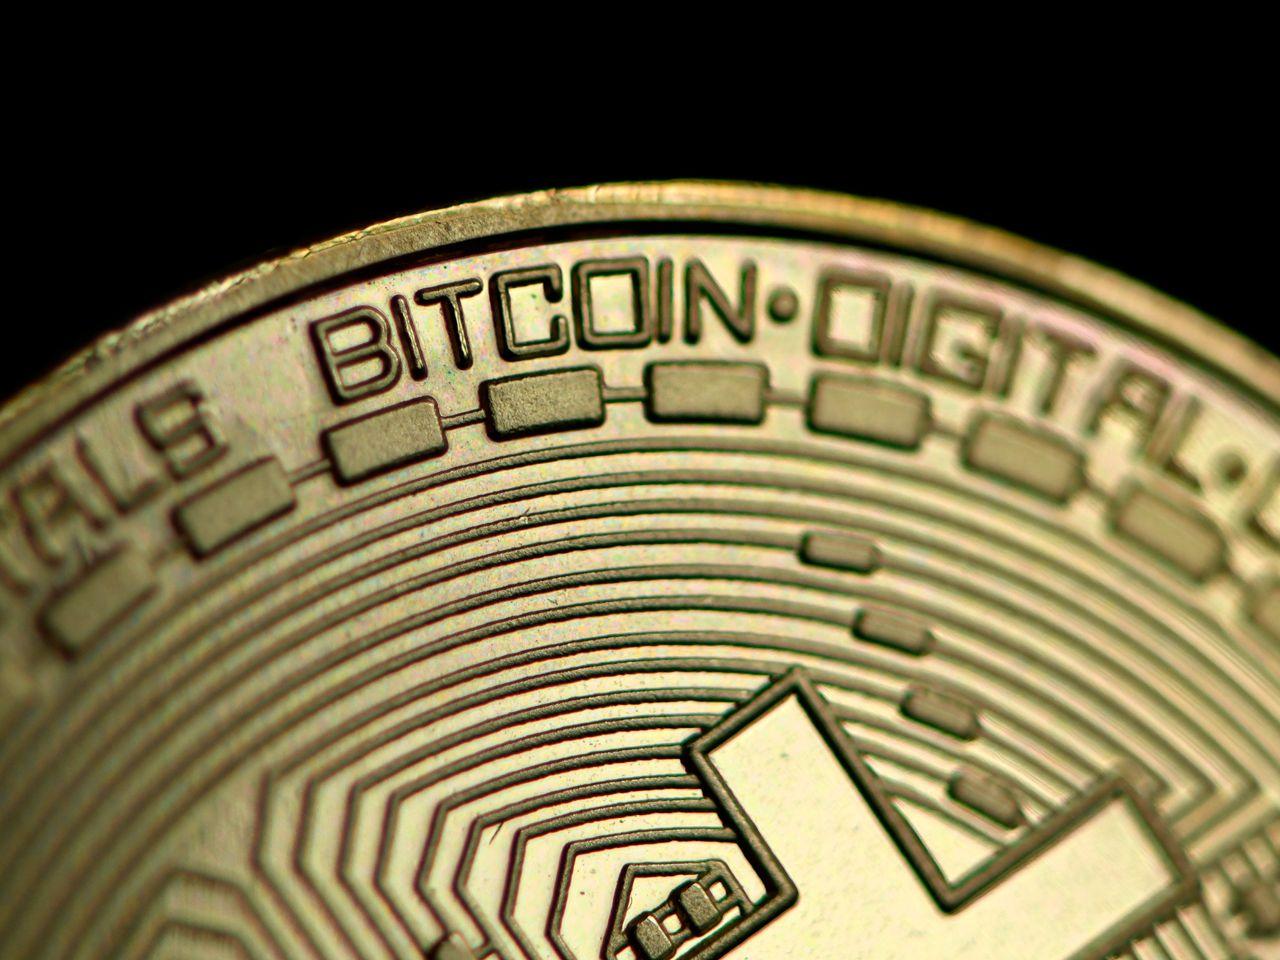 sistema di trading bitcoin cnn come il commercio bitcoin cryptocurrencies